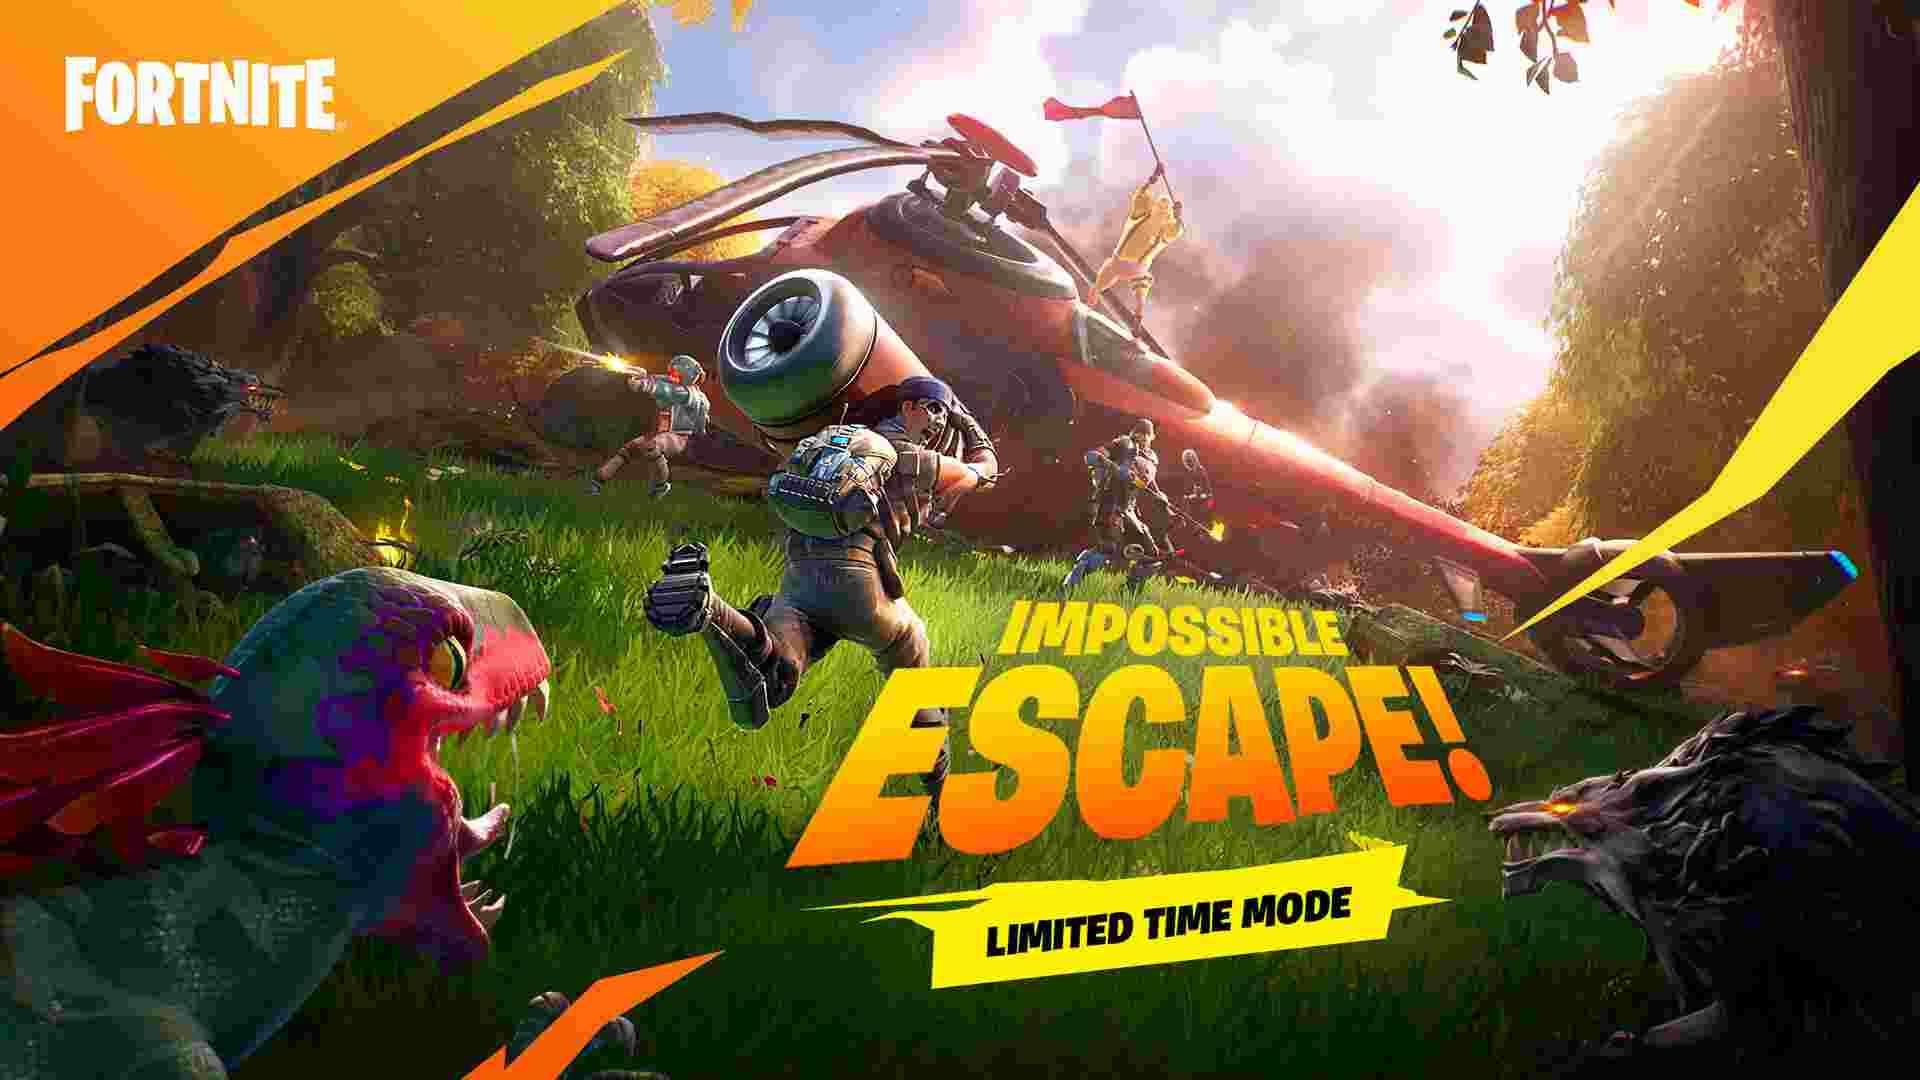 Fortnite Impossible Escape